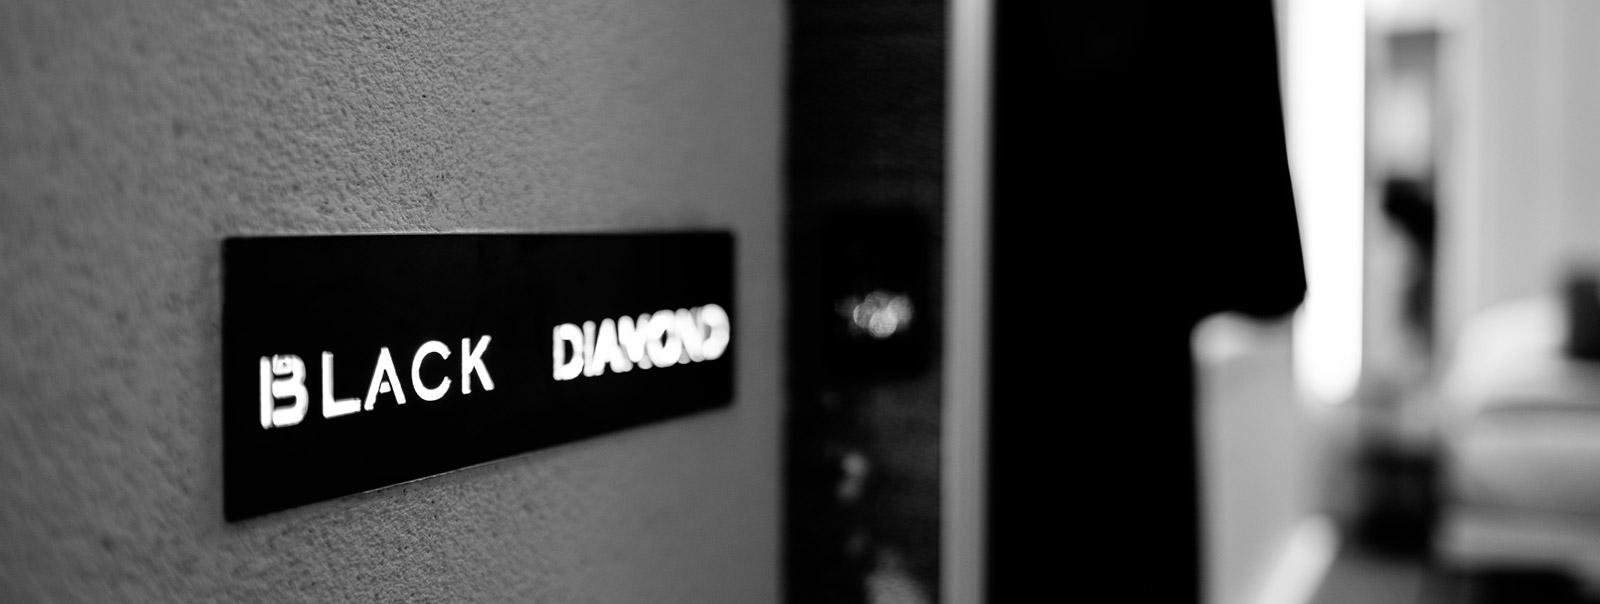 Black Diamond Luxury Suite Rome - Room 230 Soggiornare in centro a Roma